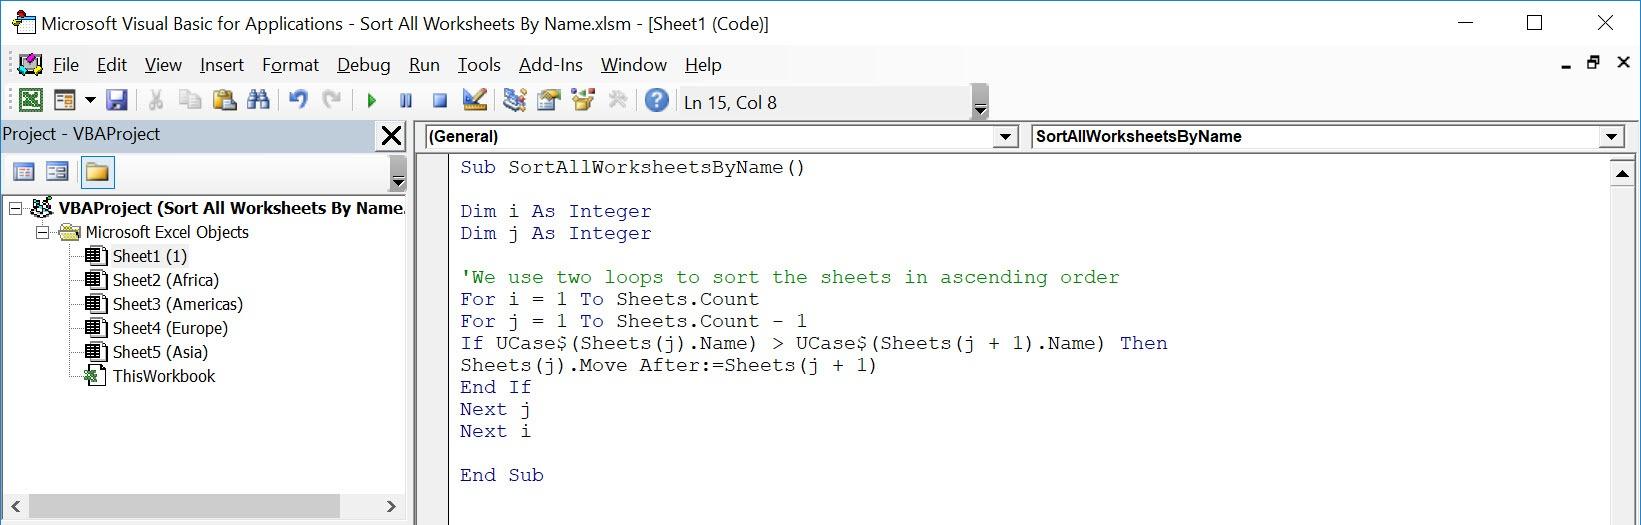 Sort All Worksheets By Name Using Macros In Excel | MyExcelOnline